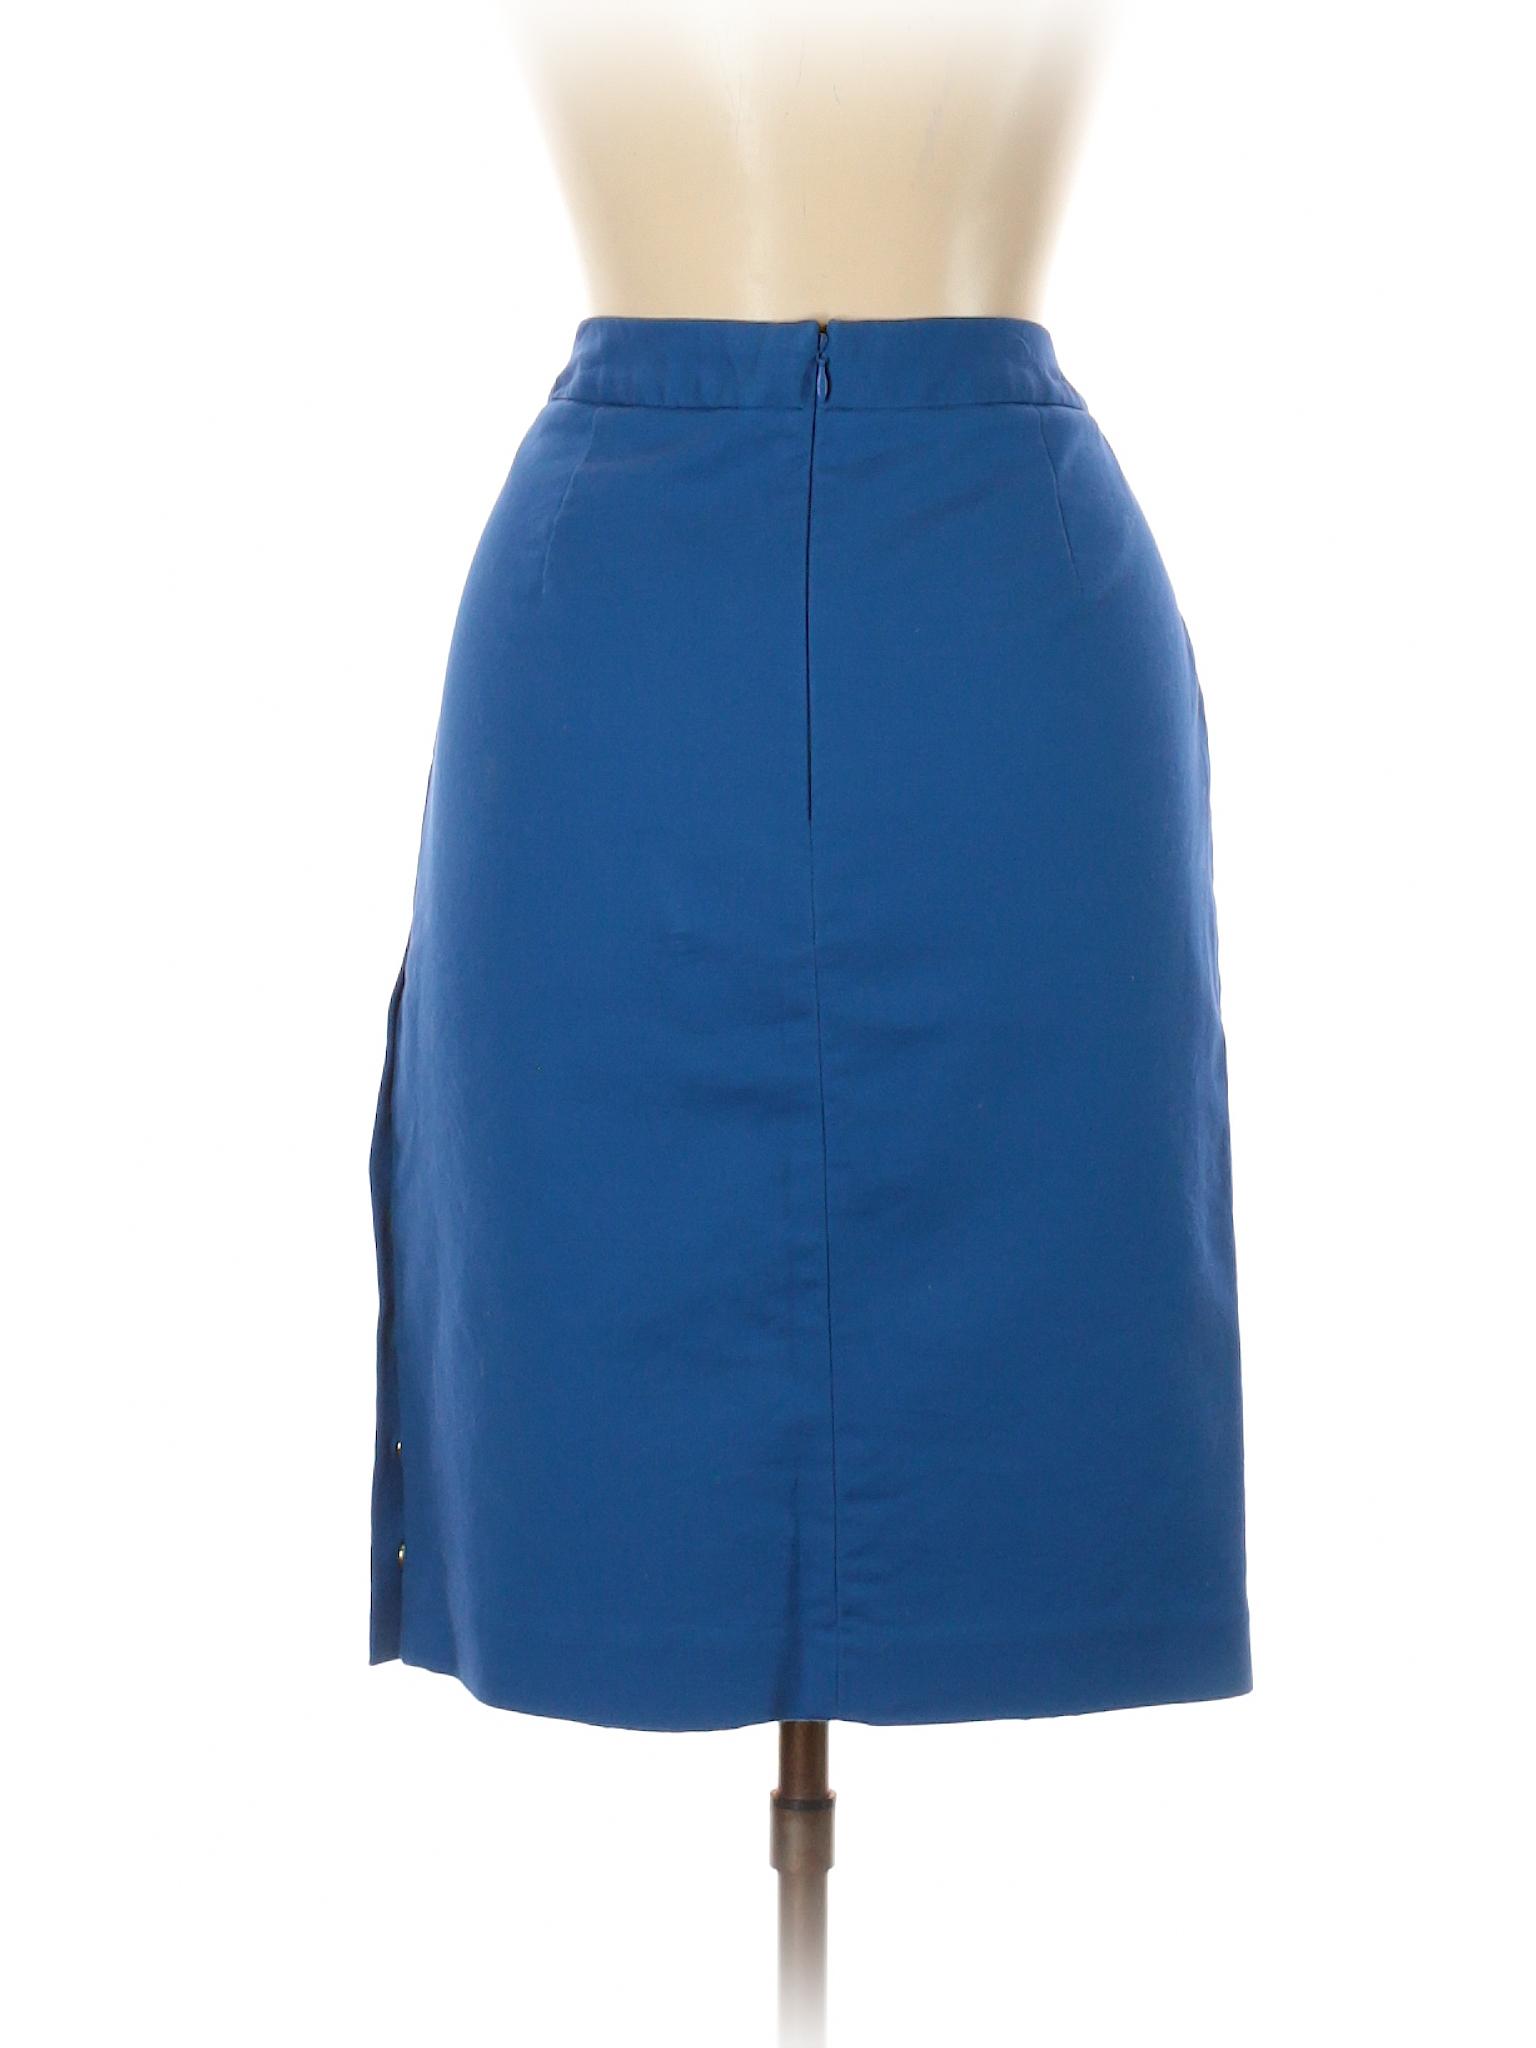 Skirt Boutique leisure Boutique Casual leisure Worthington qYPqx